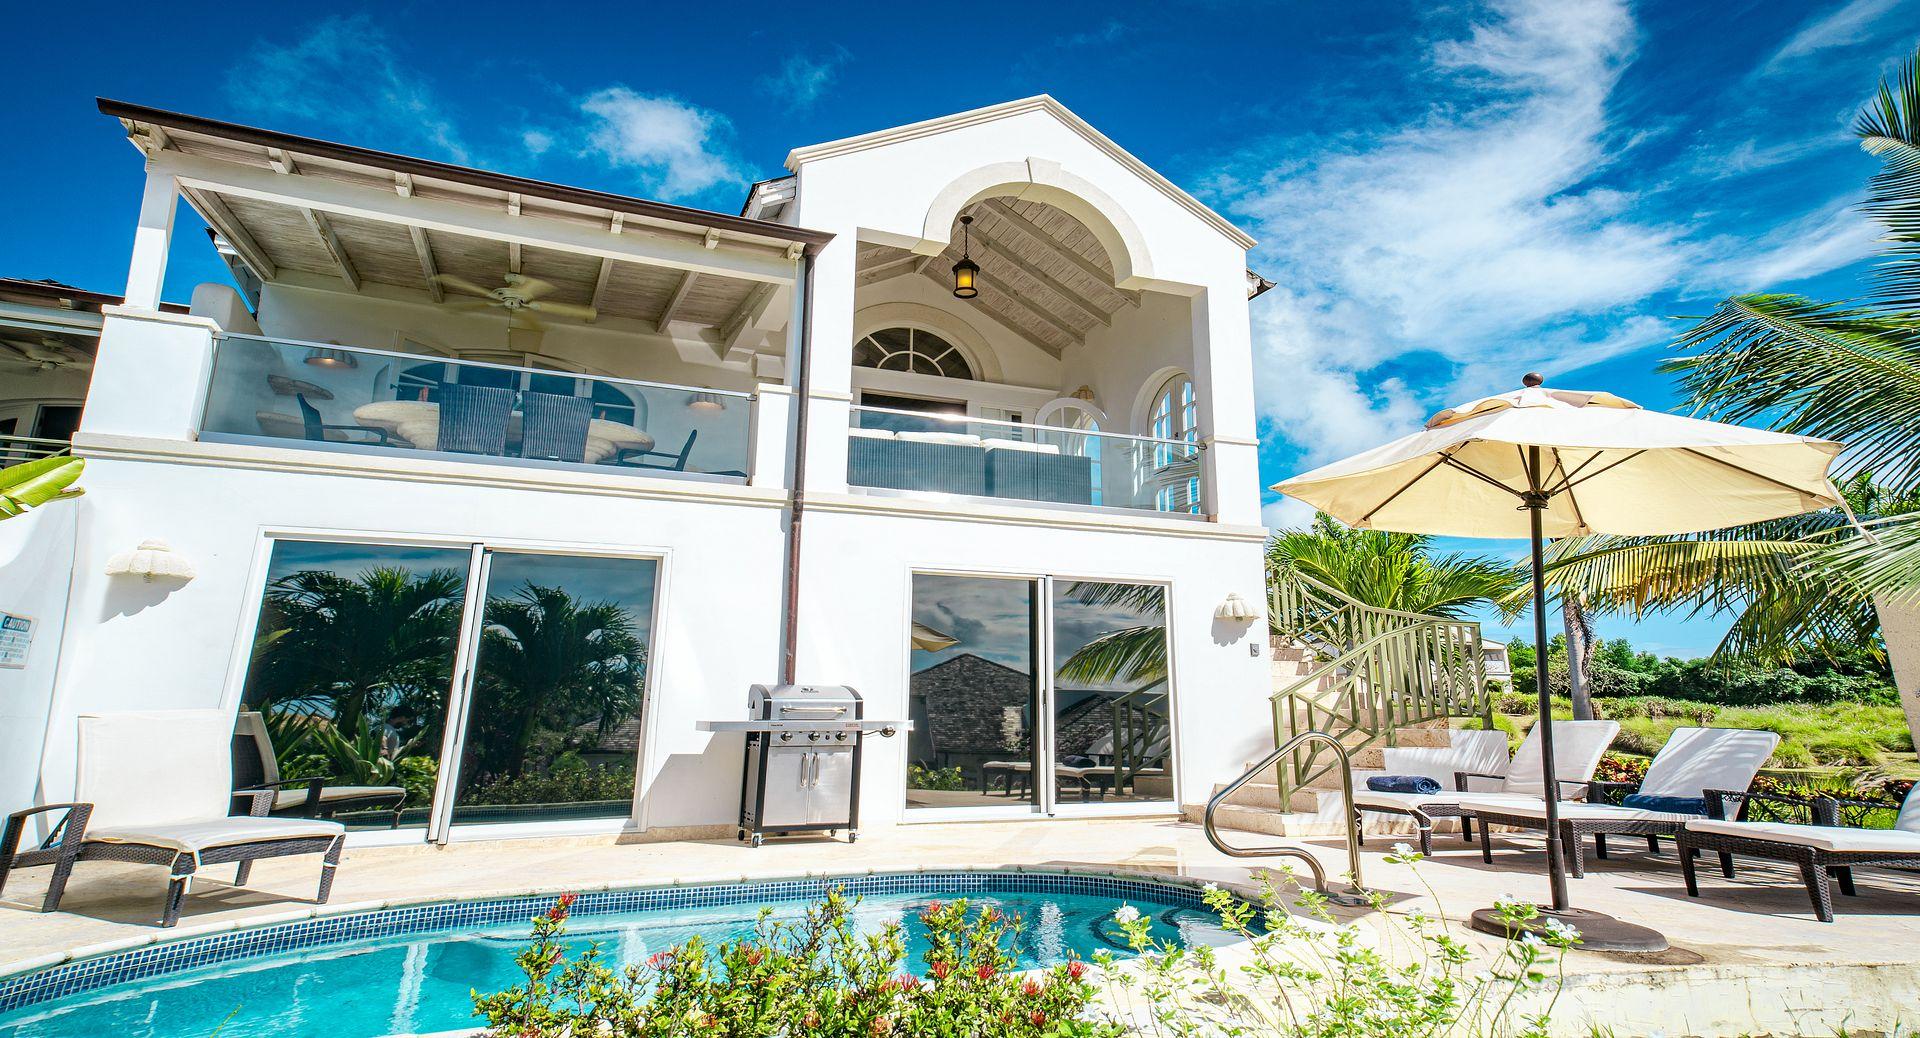 Royal Westmoreland villa